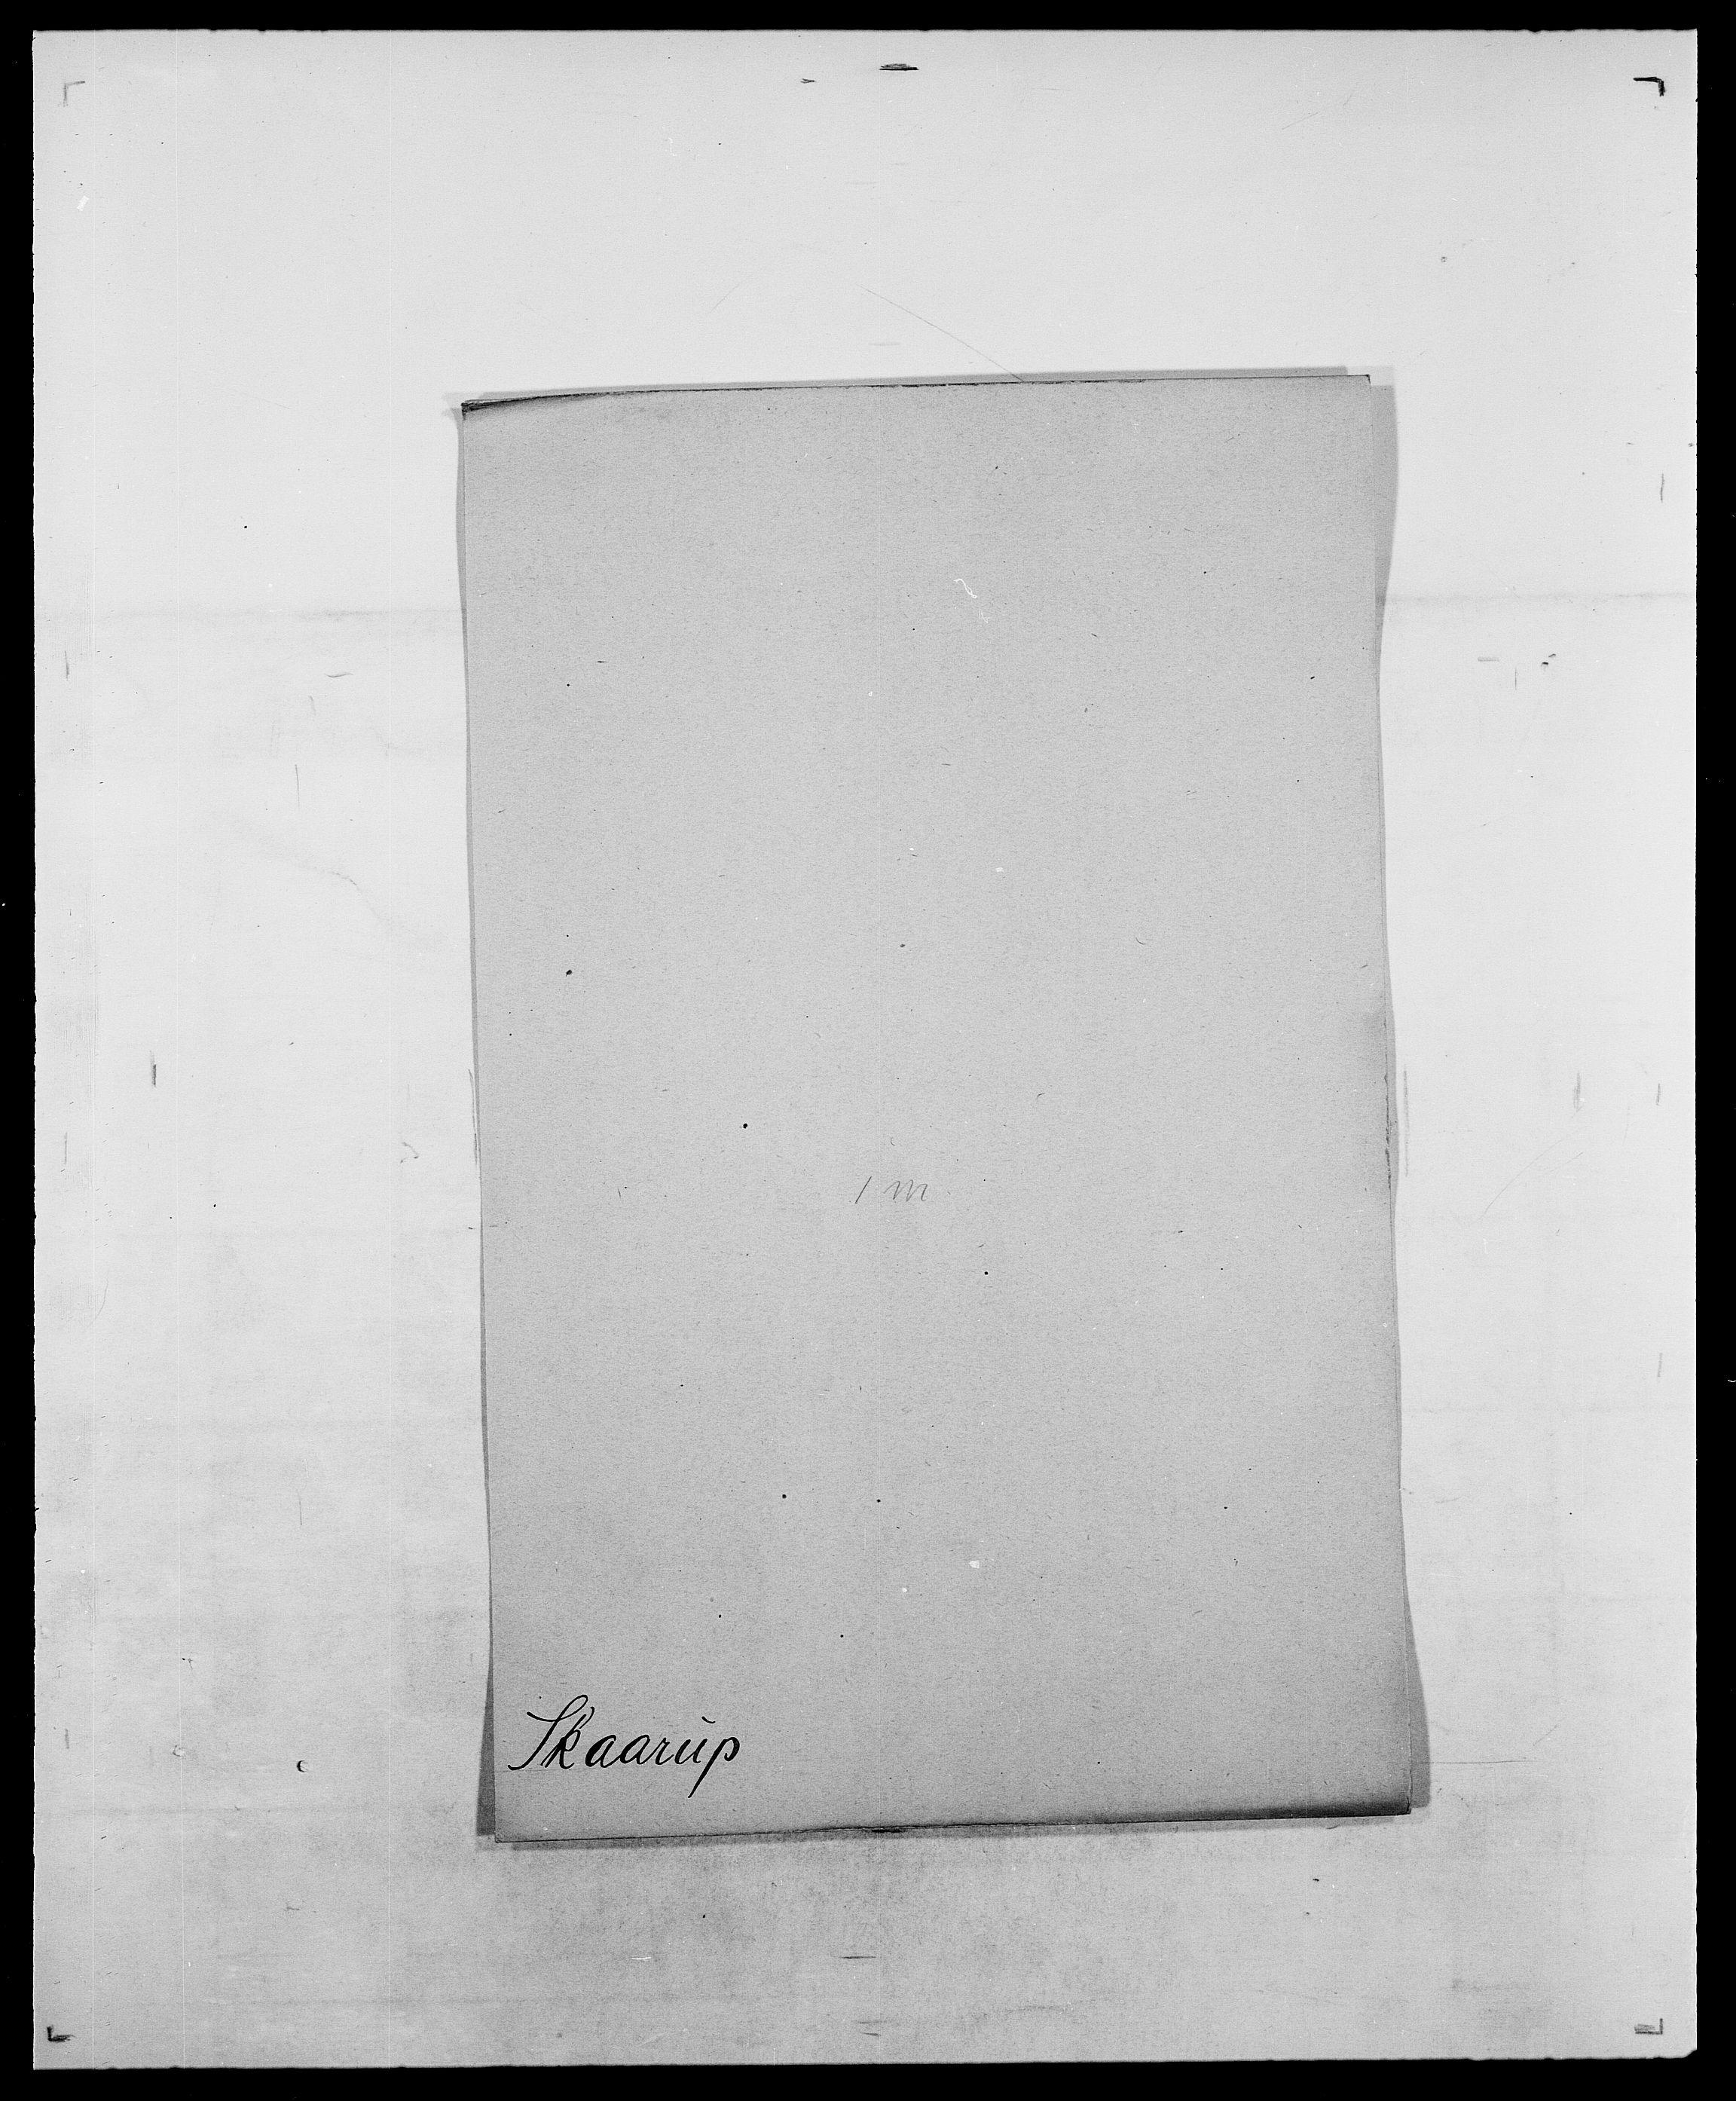 SAO, Delgobe, Charles Antoine - samling, D/Da/L0036: Skaanør - Staverskov, s. 11